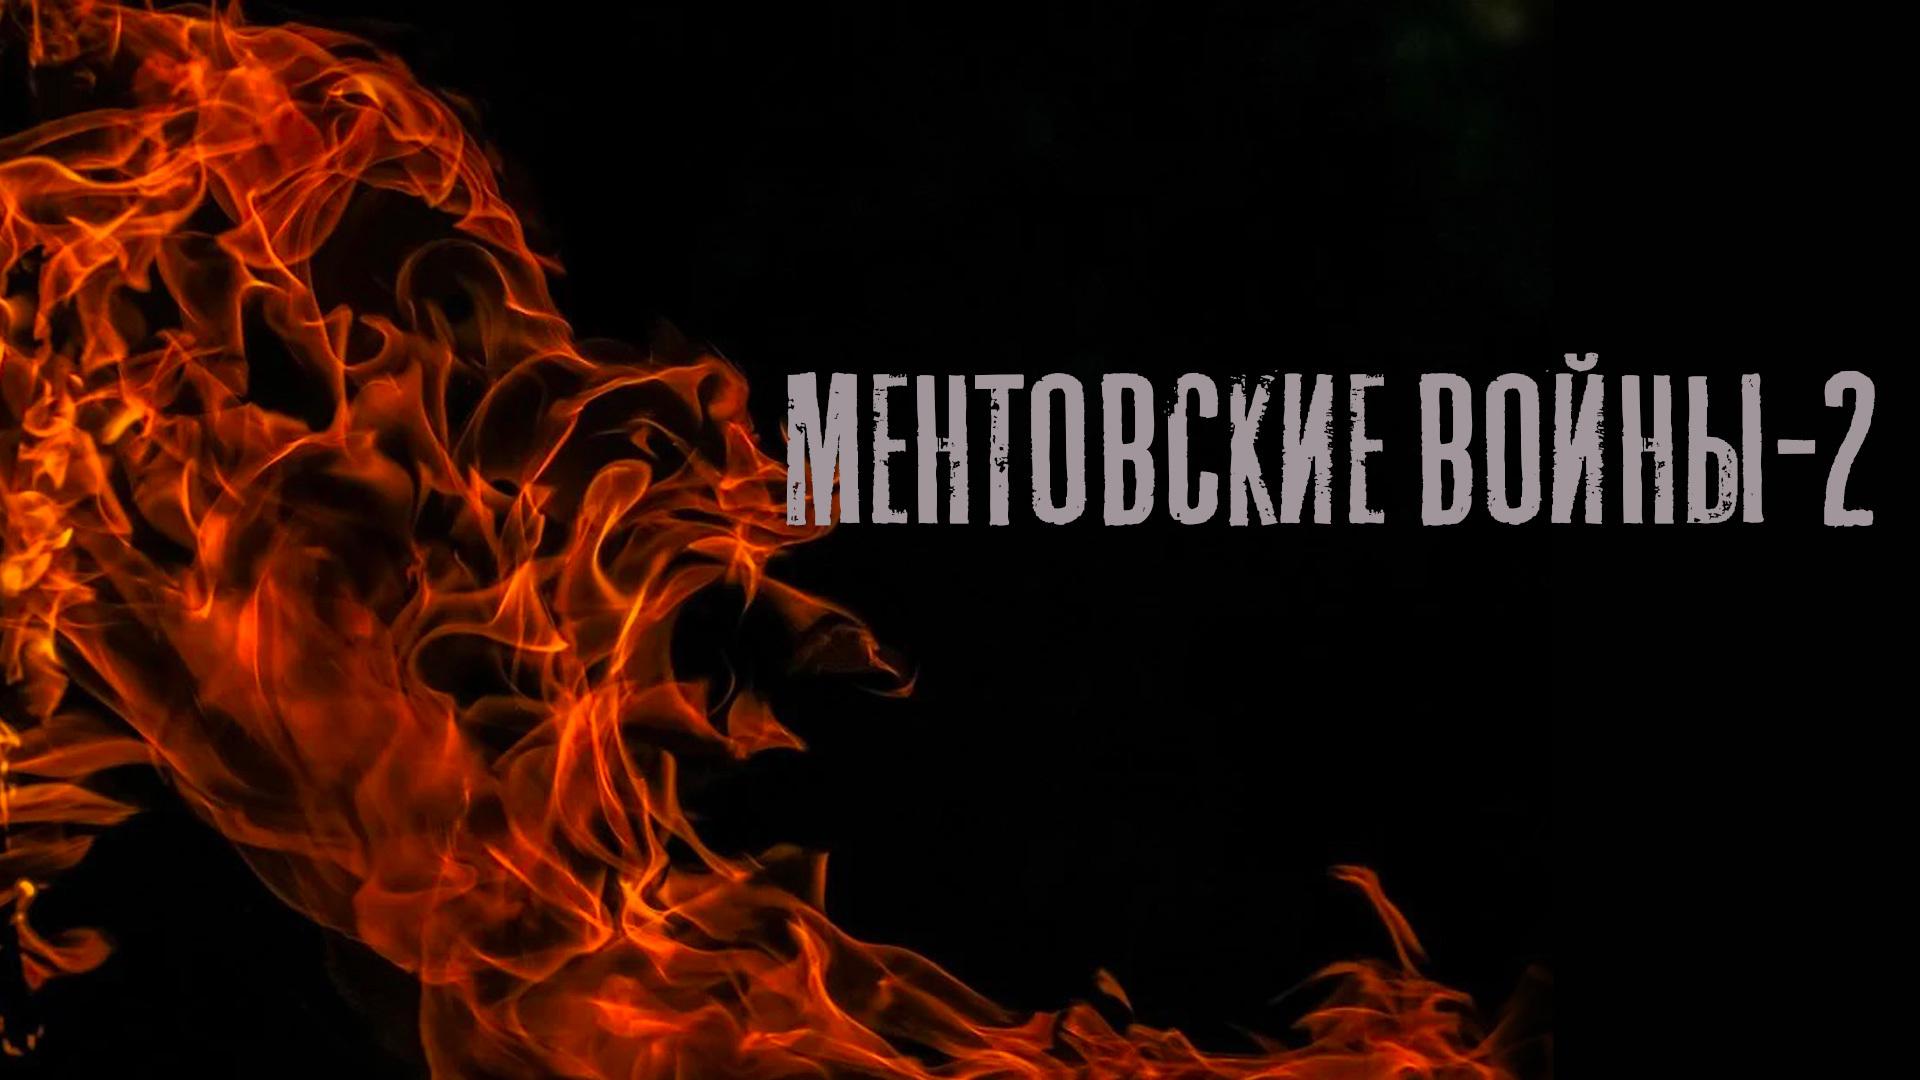 Ментовские войны-2